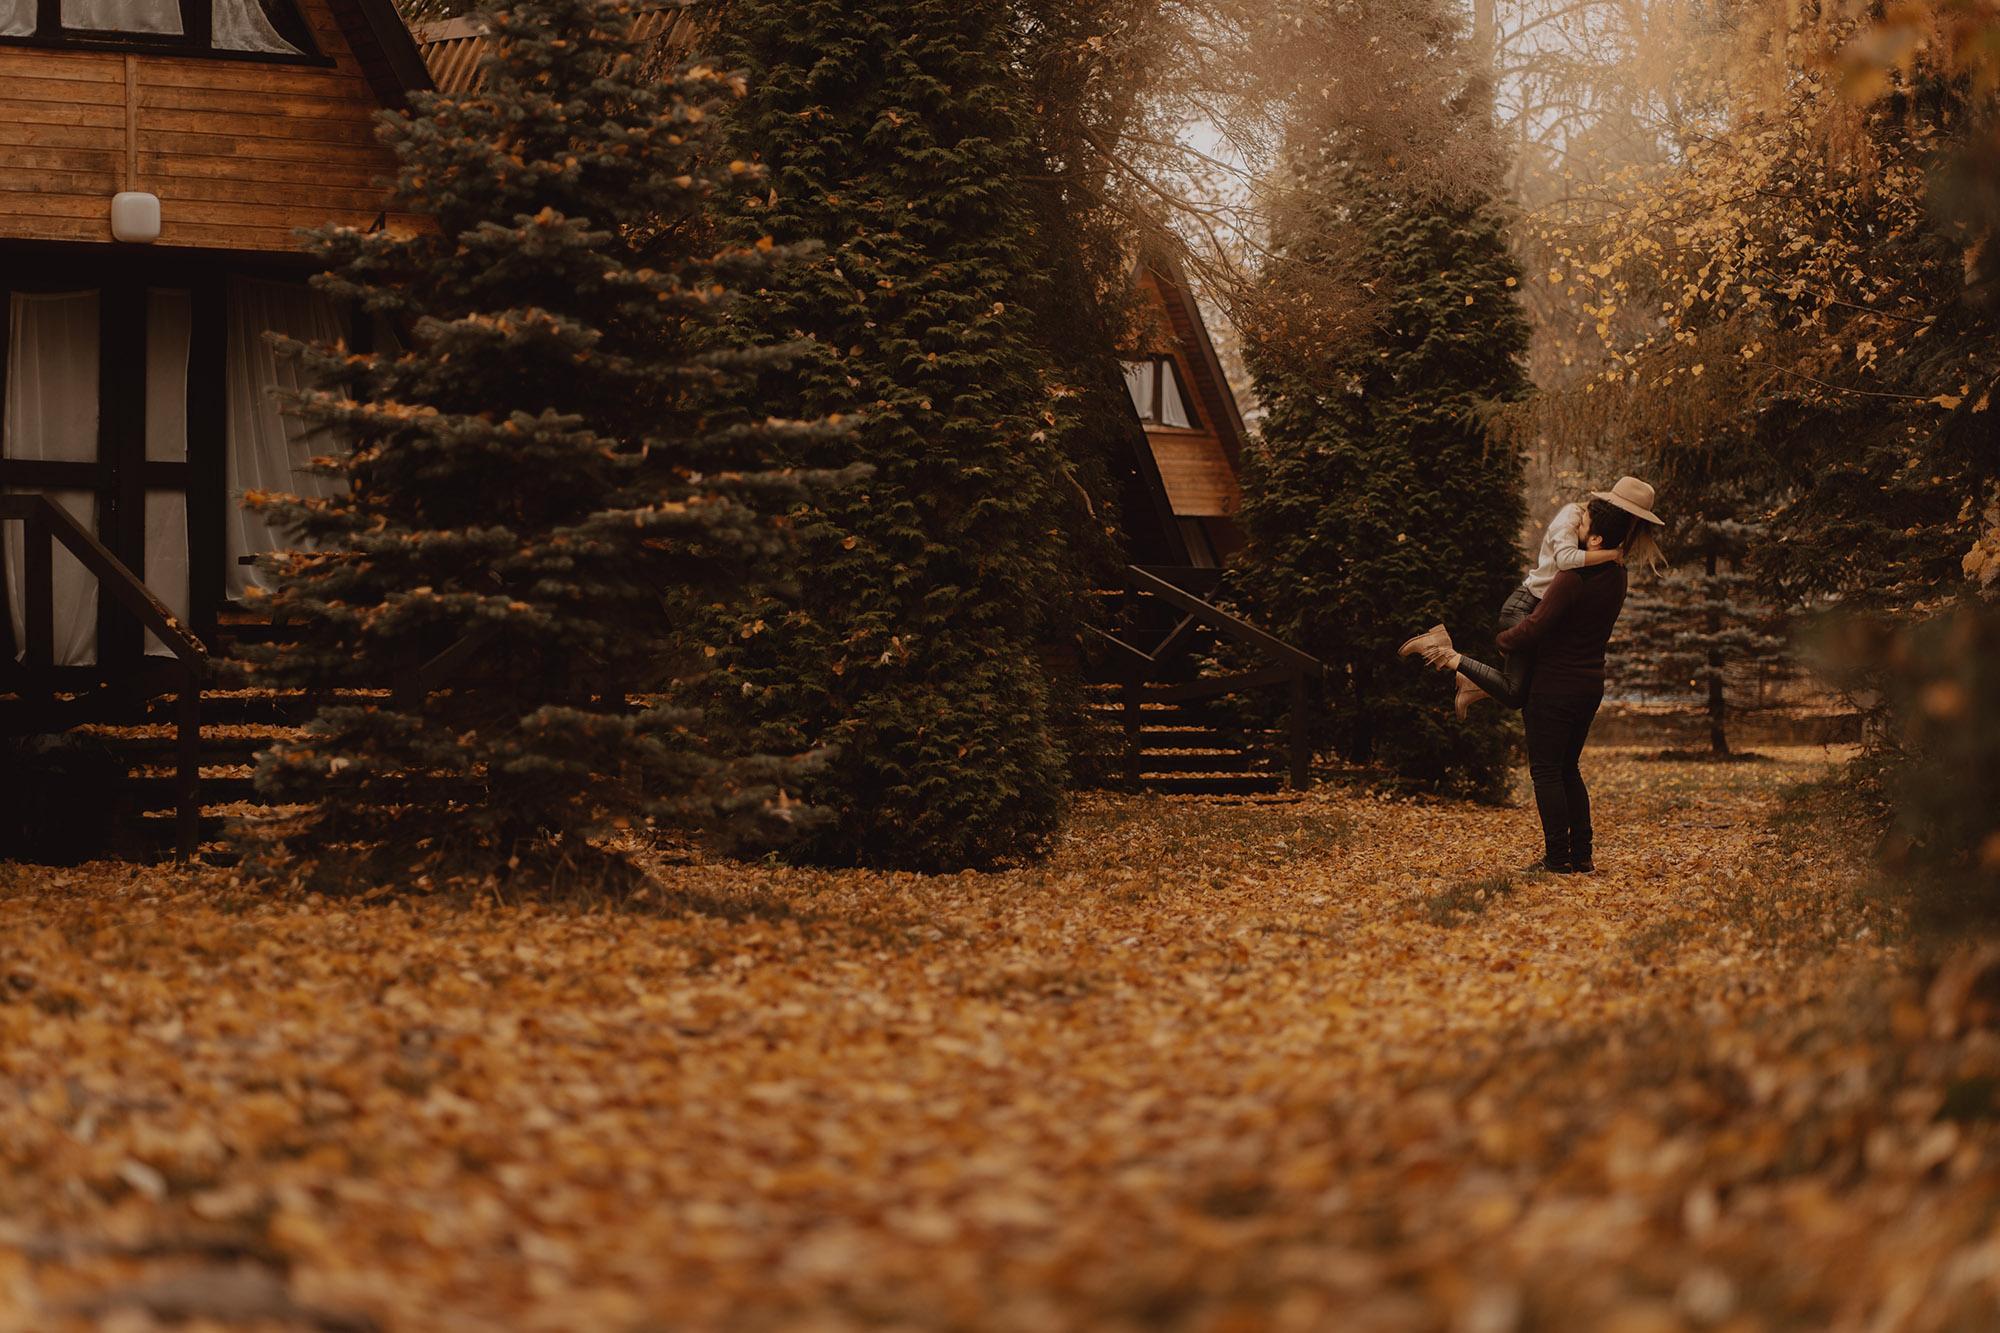 Jesienna sesja narzeczenska00030 - Jesienna sesja narzeczeńska